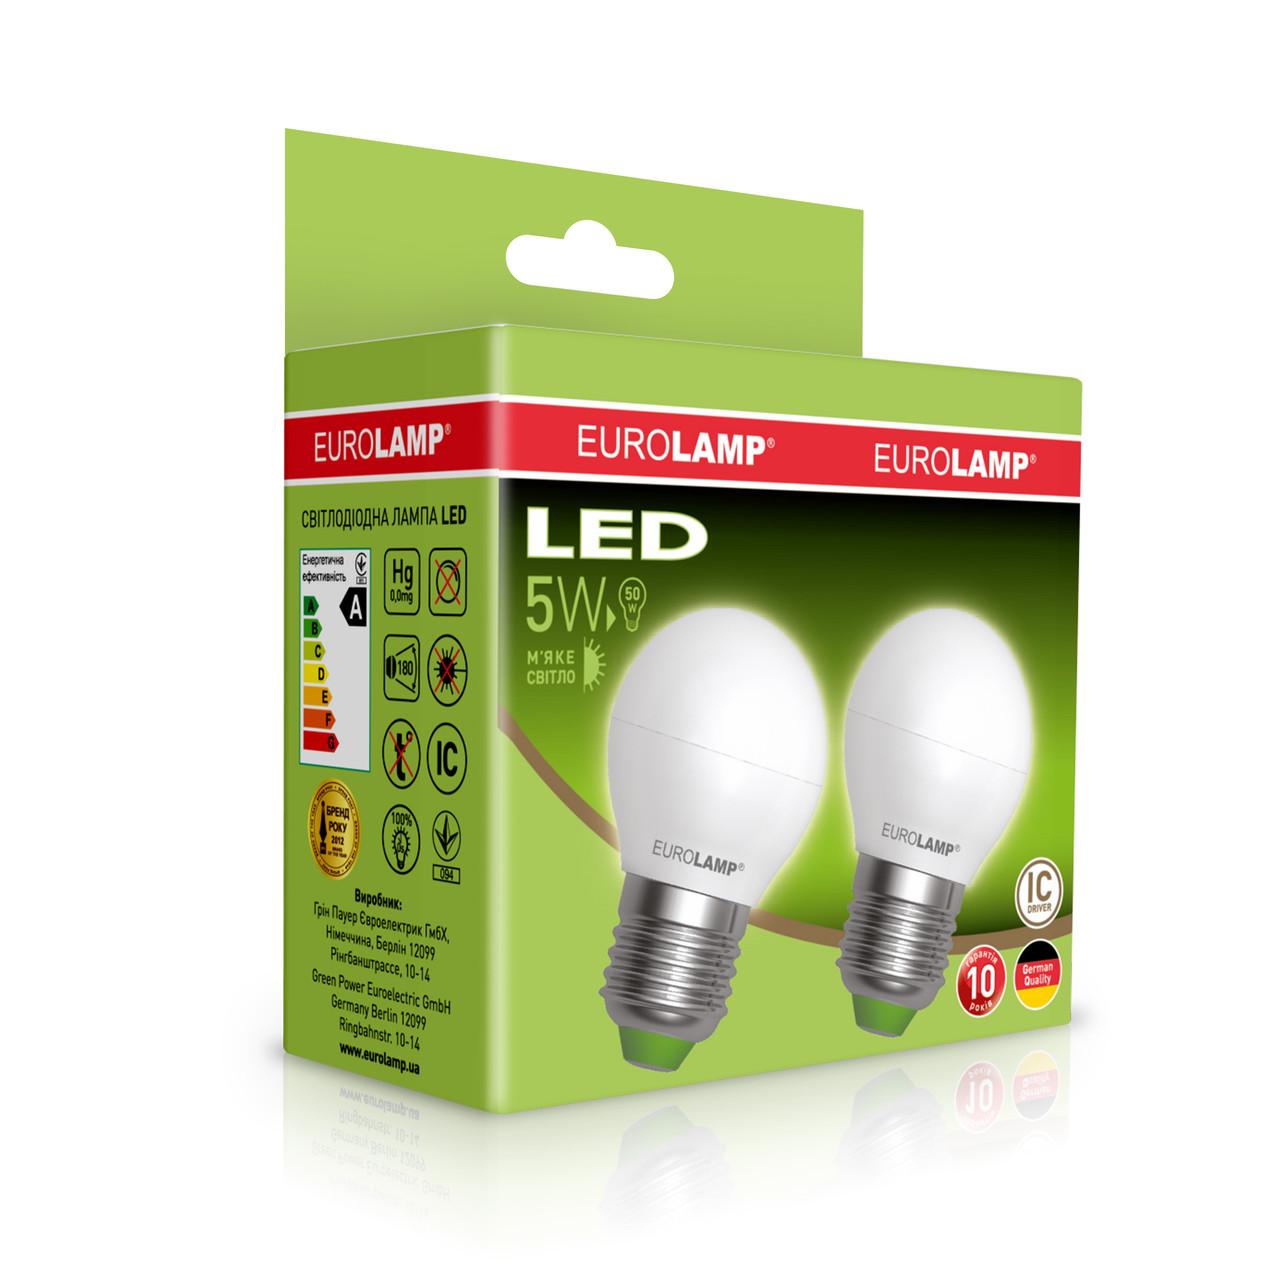 """Промо-набор EUROLAMP LED Лампа ЕКО G45 5W E27 3000K акция """"1+1"""""""